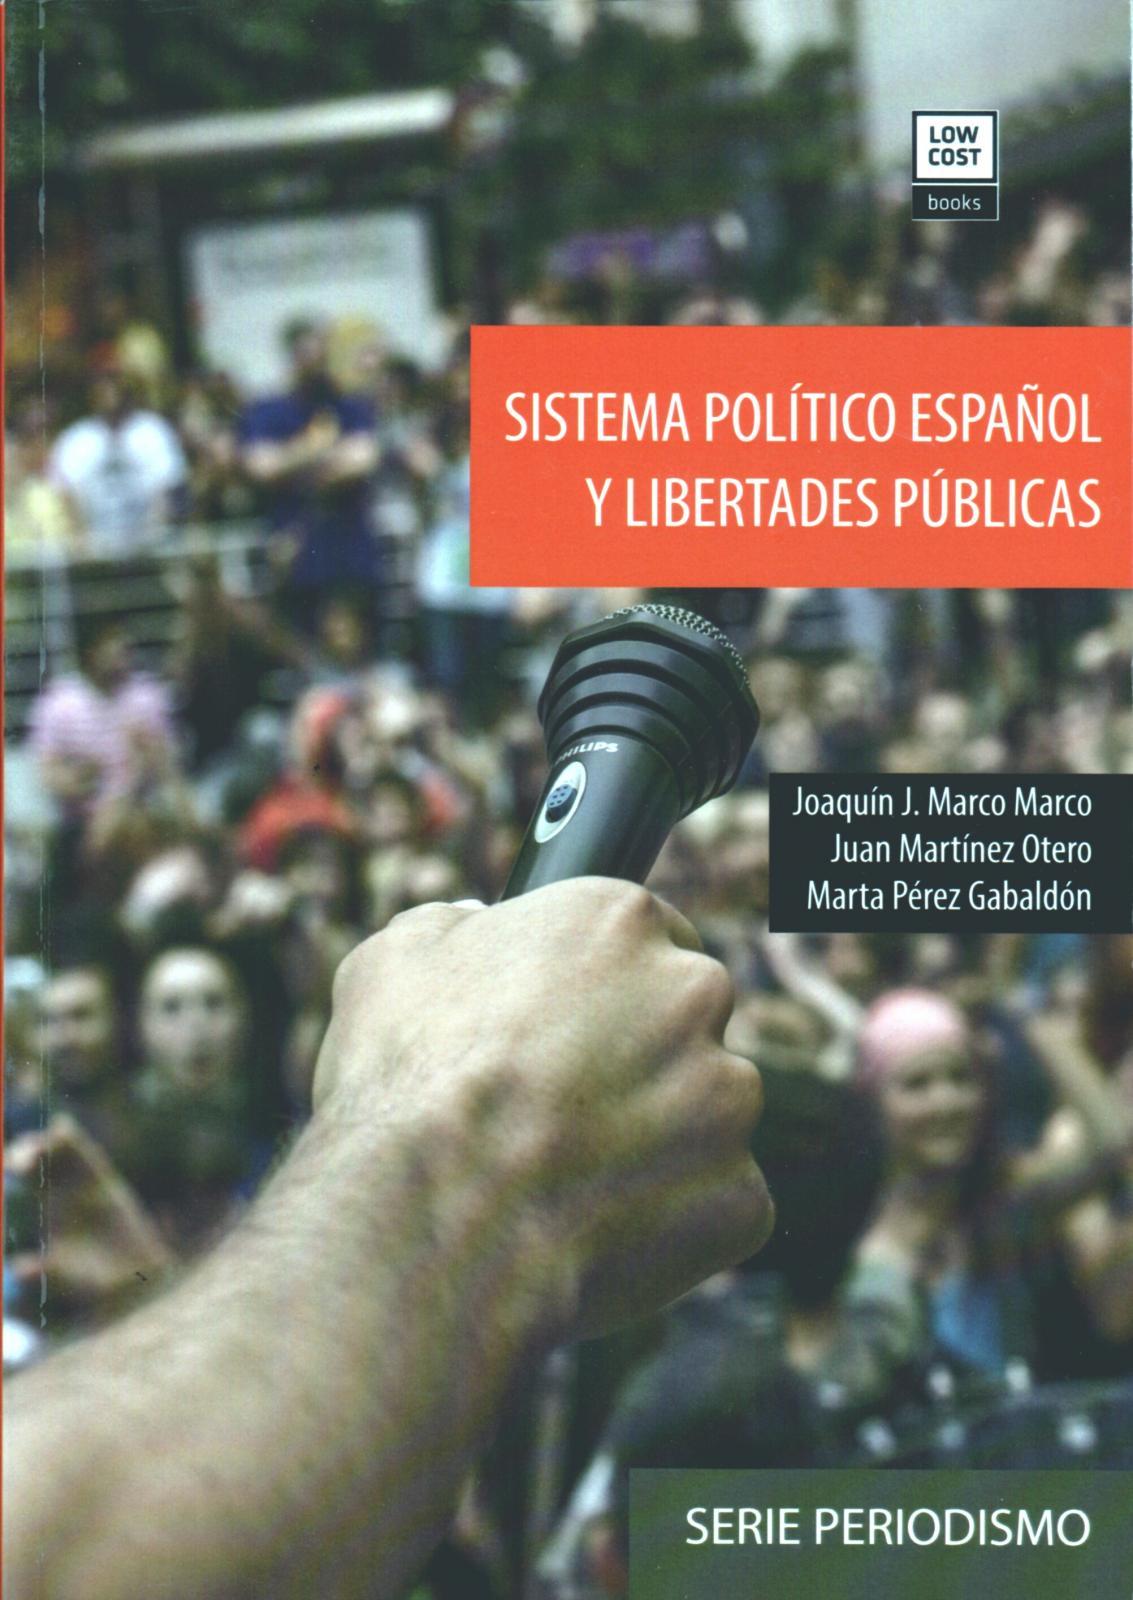 SISTEMA POLÍTICO ESPAÑOL Y LIBERTADES PÚBLICAS